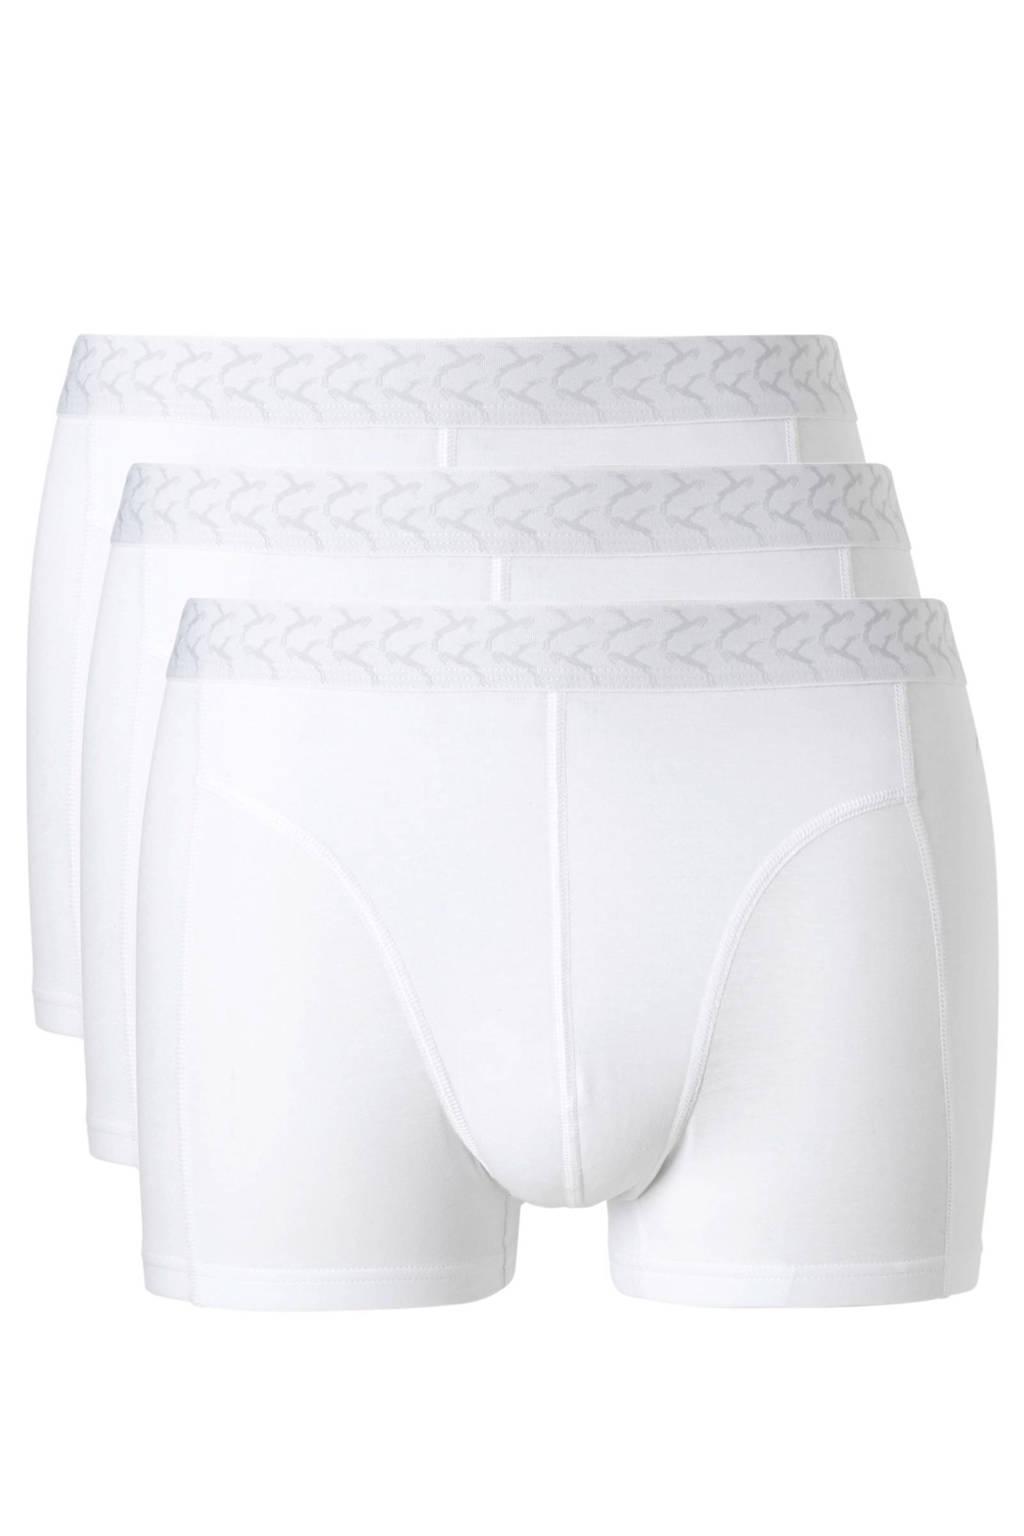 ten Cate boxershort (set van 3), Wit